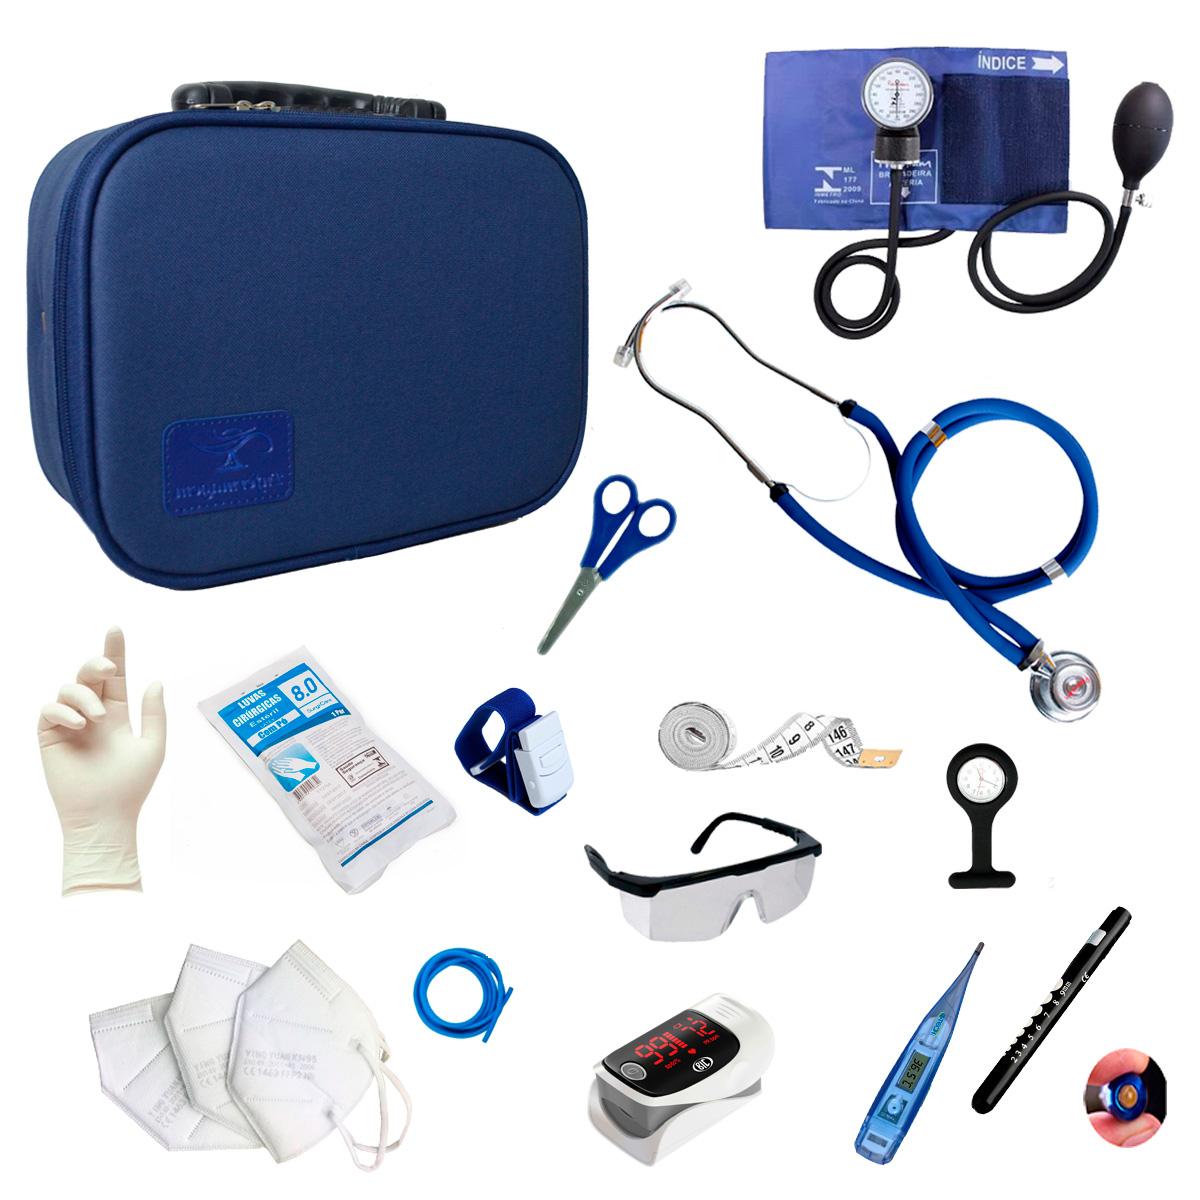 Kit Enfermagem Completo Com Oxímetro E Maleta Acadêmica Luxo Cor:Azul Marinho